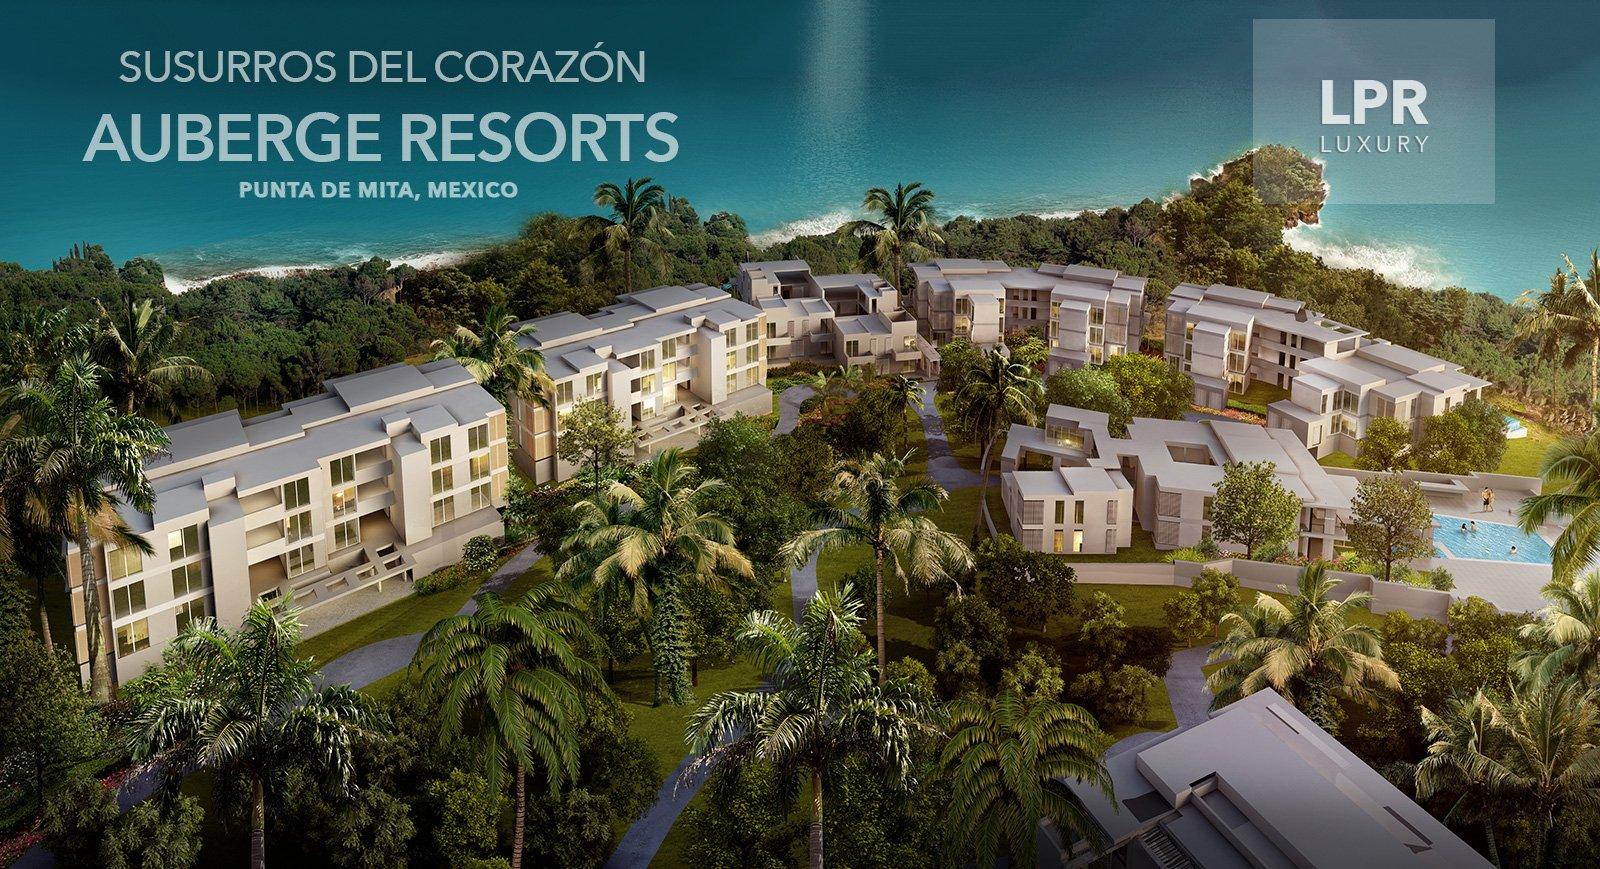 Quetzal 3 Susurros Del Corazón Luxury Resort Real Estate